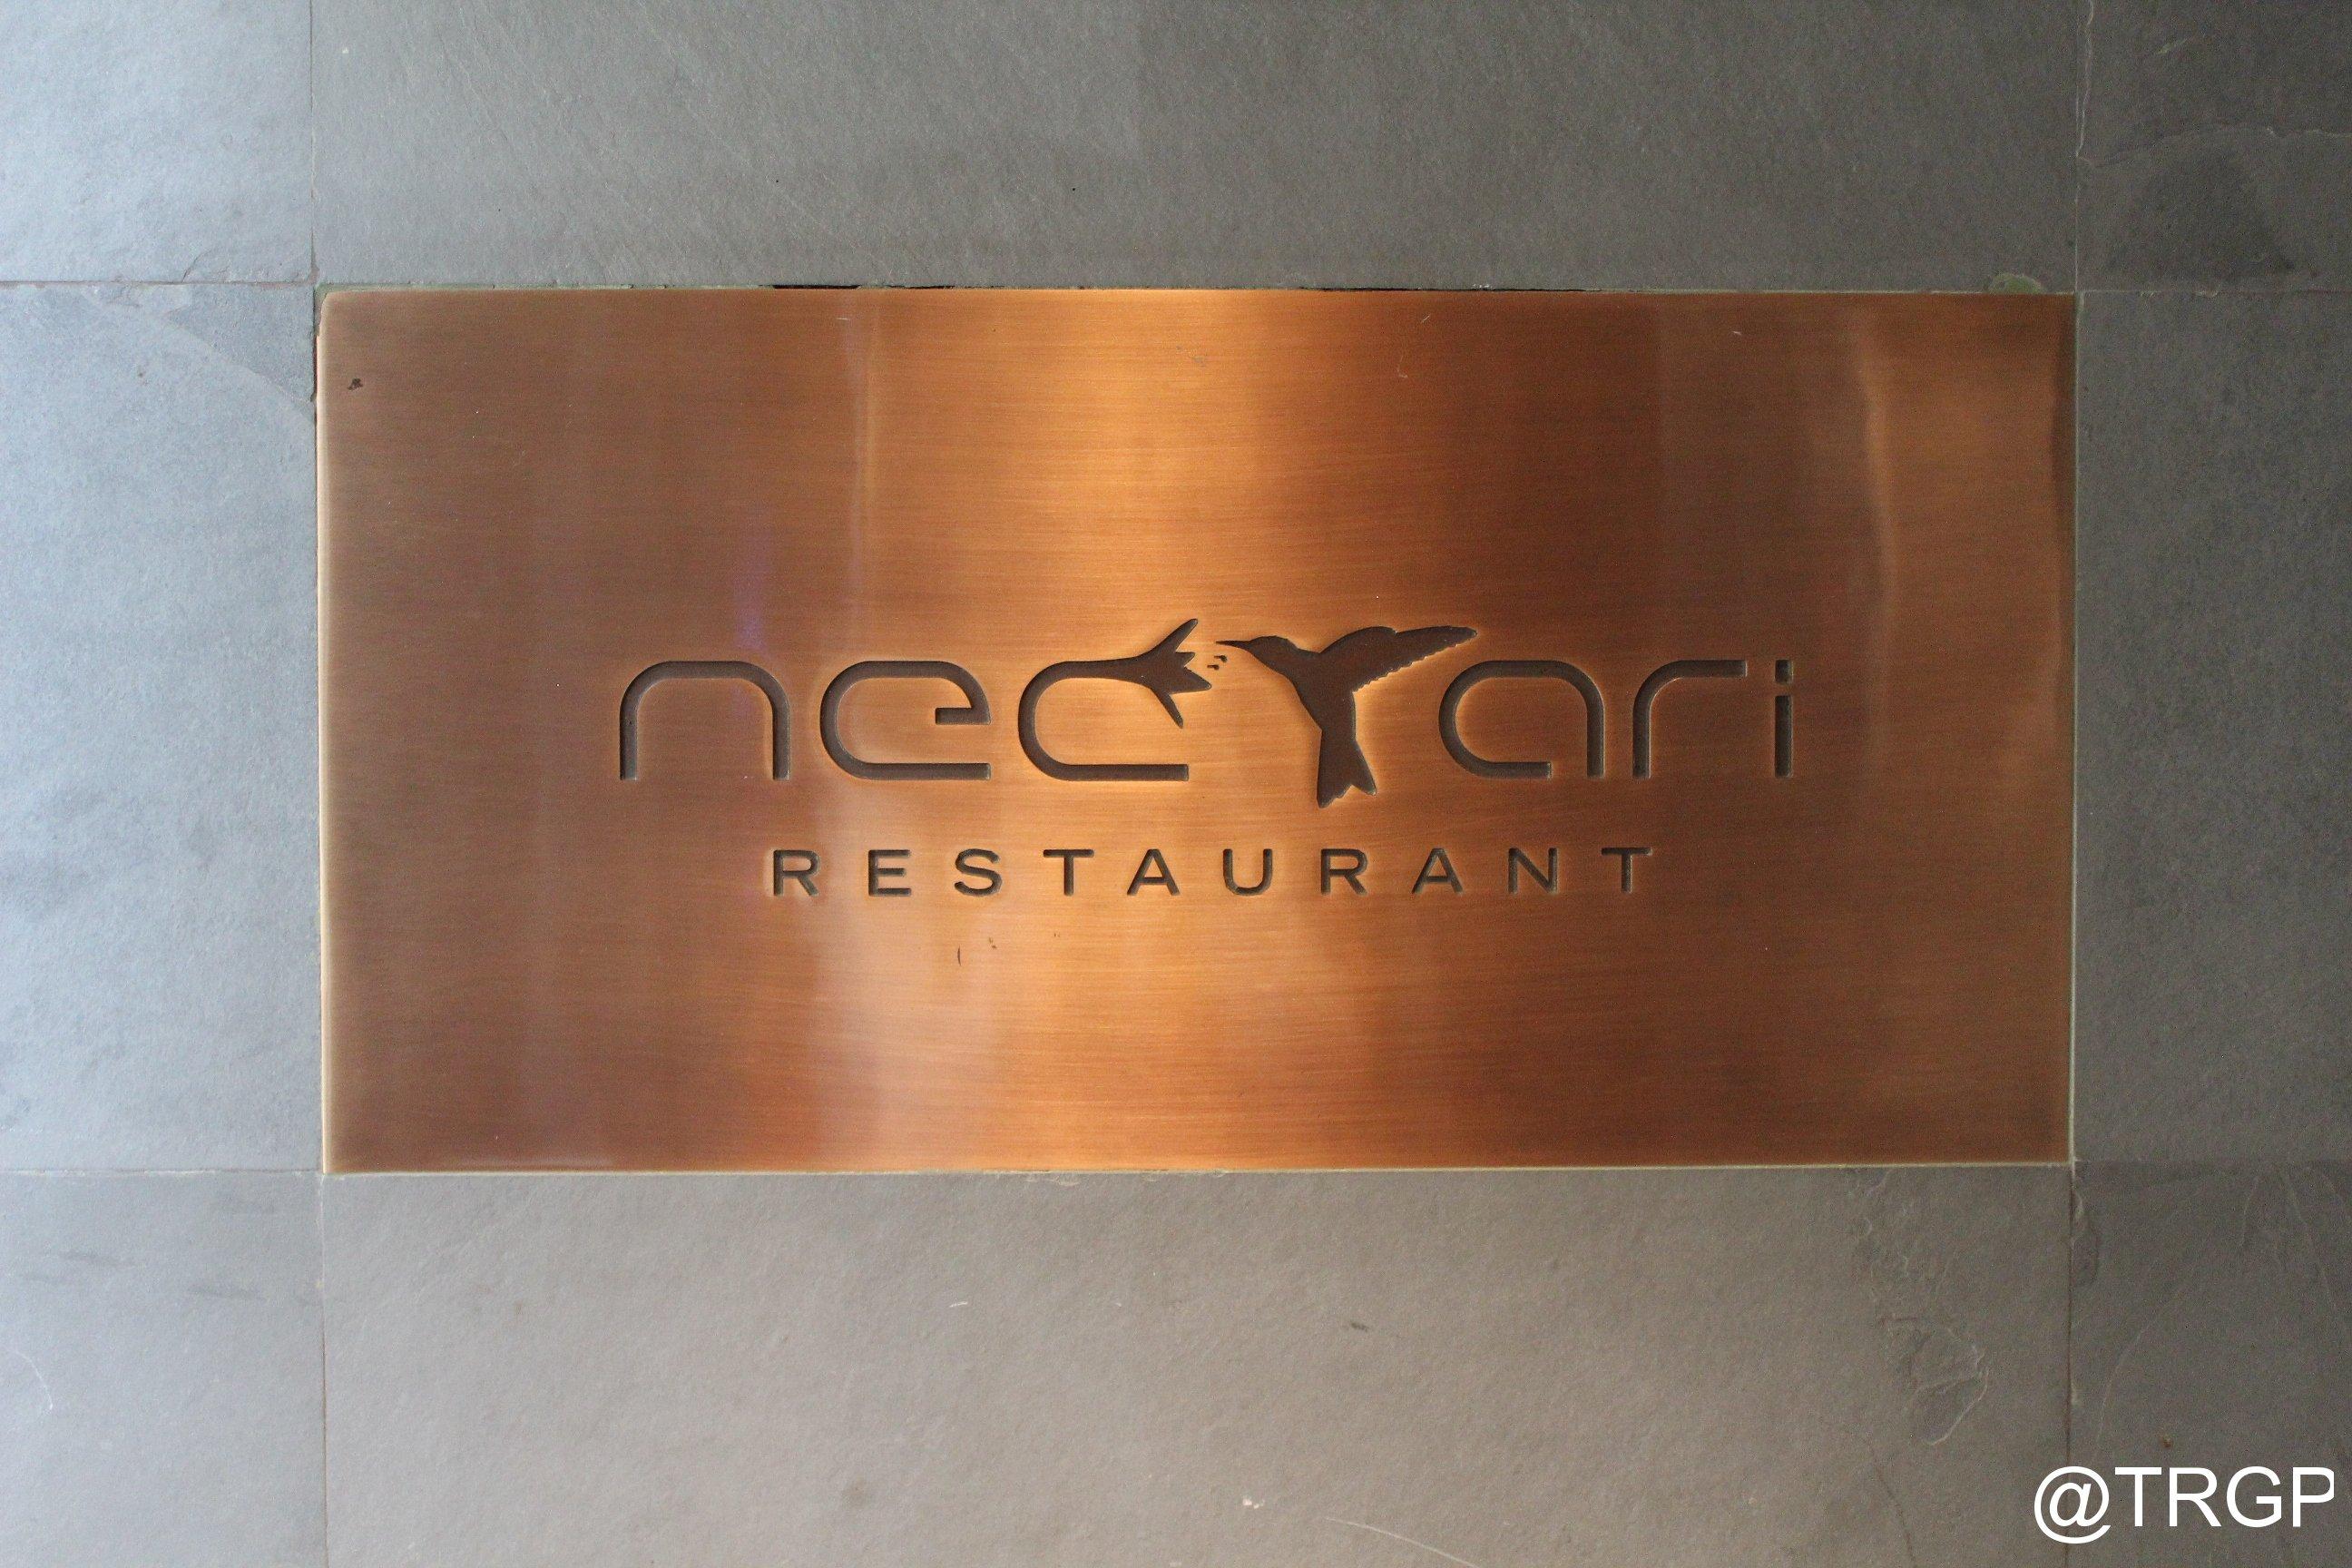 Nectari